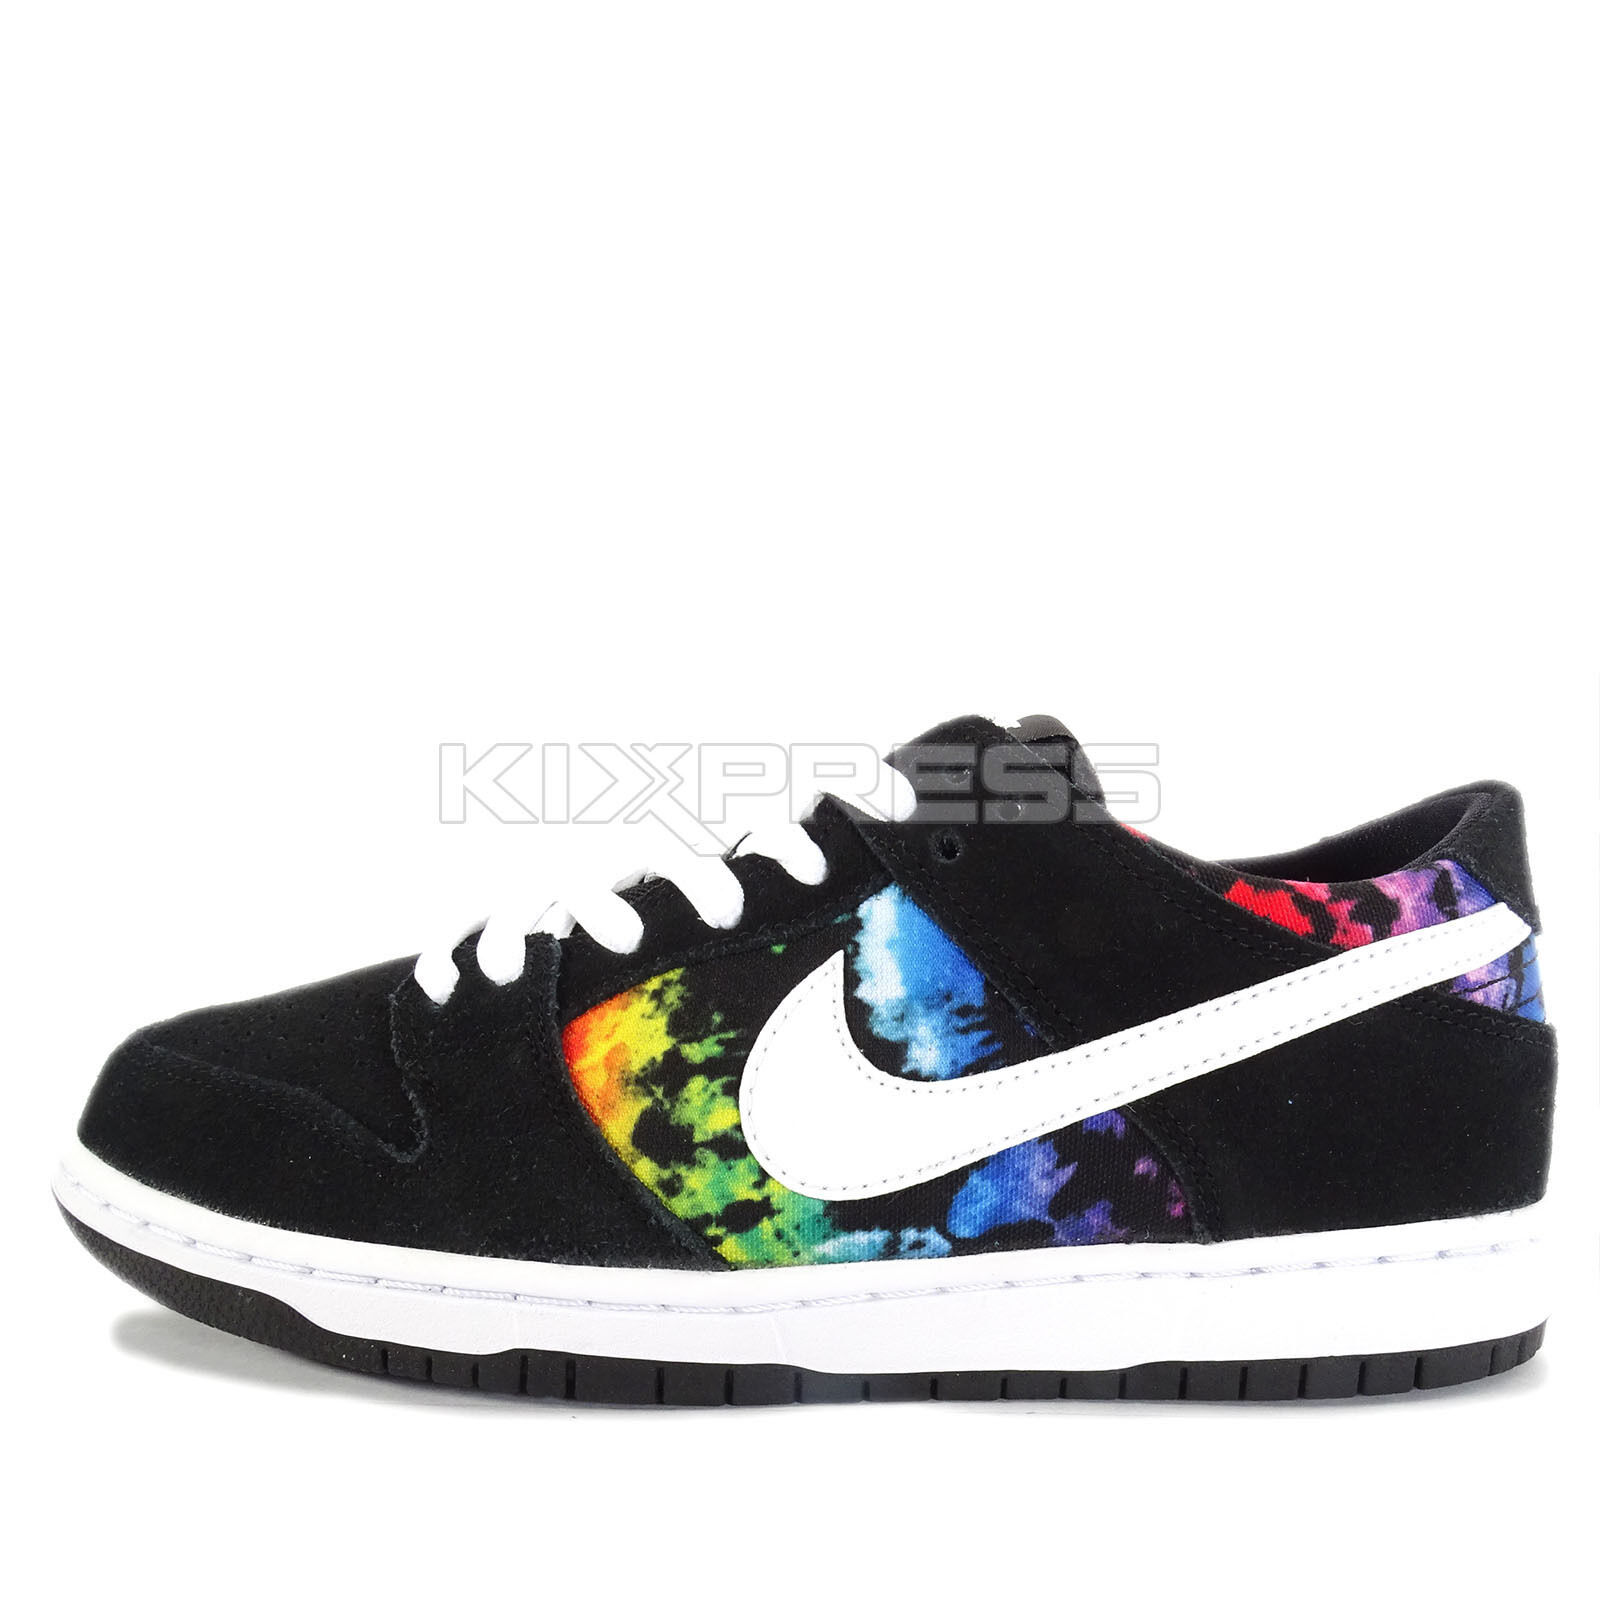 check out 1ddaa c3681 Nike Dunk Dunk Dunk Low pro IW reducción de precios skateboarding ishod  Wair TIE DYE negro